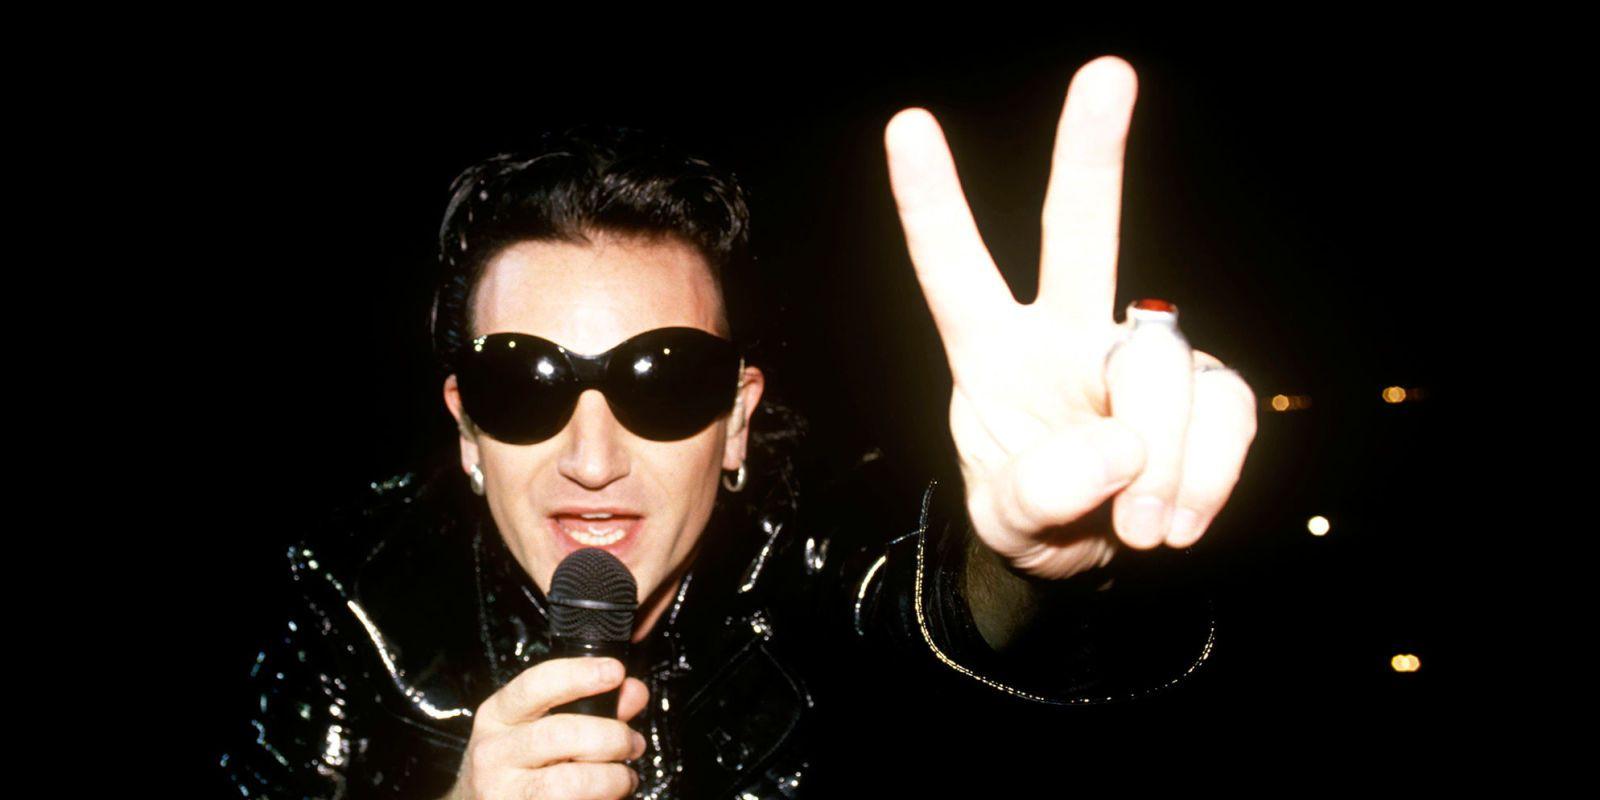 50 Photos of Bono Being Bono-y